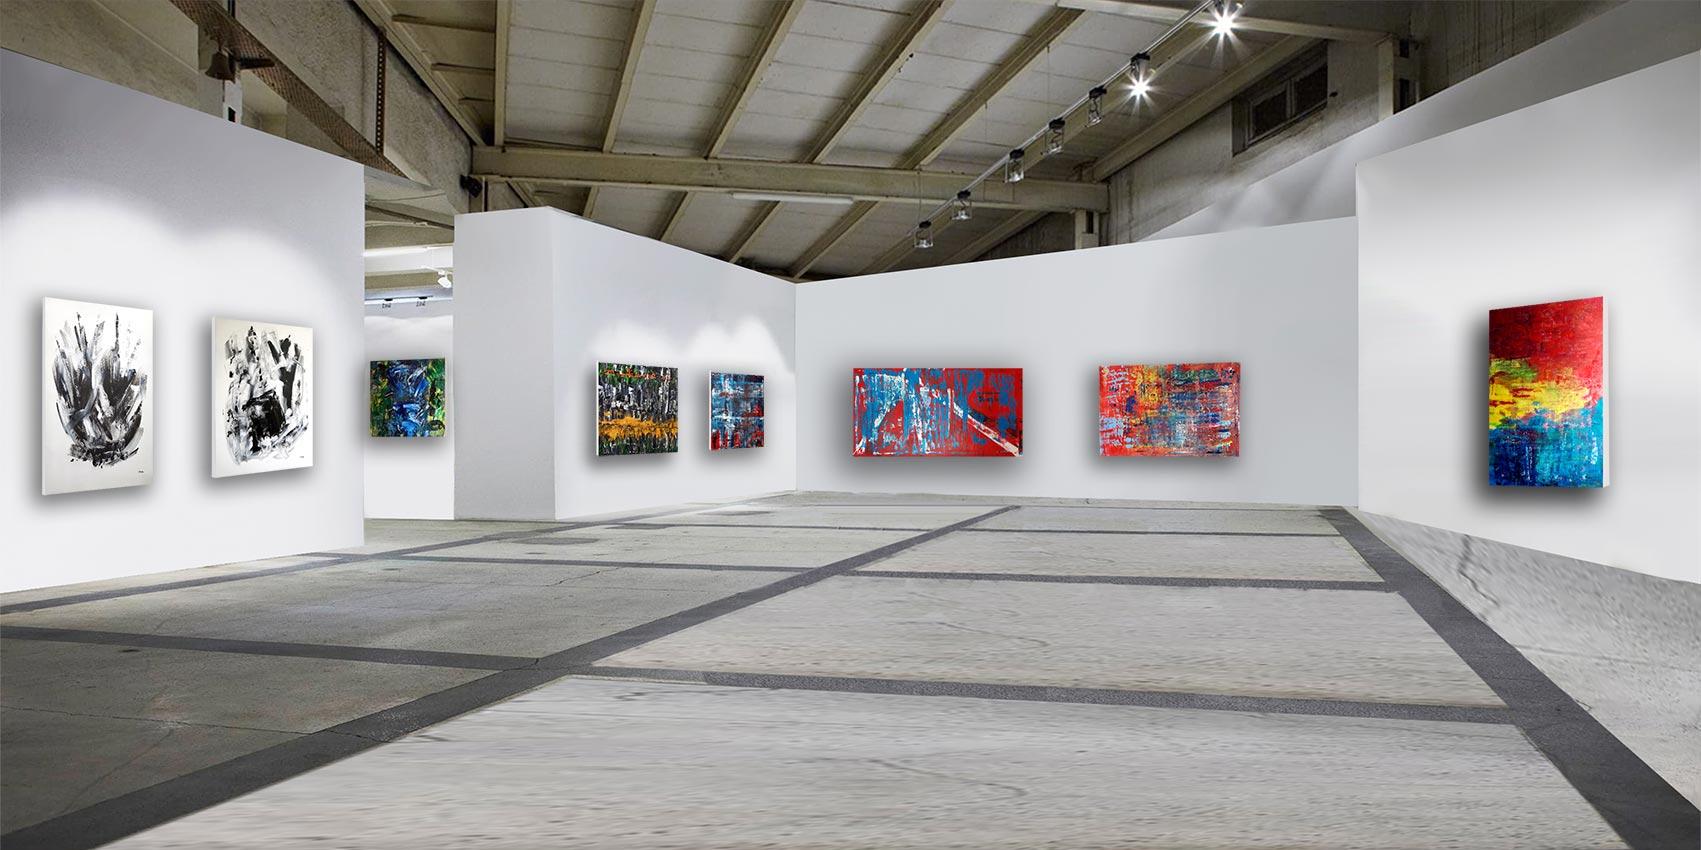 Patrick-Joosten-In-situ-Orange-black-and-white-Blaugrana2-red-sea-ultra-blue